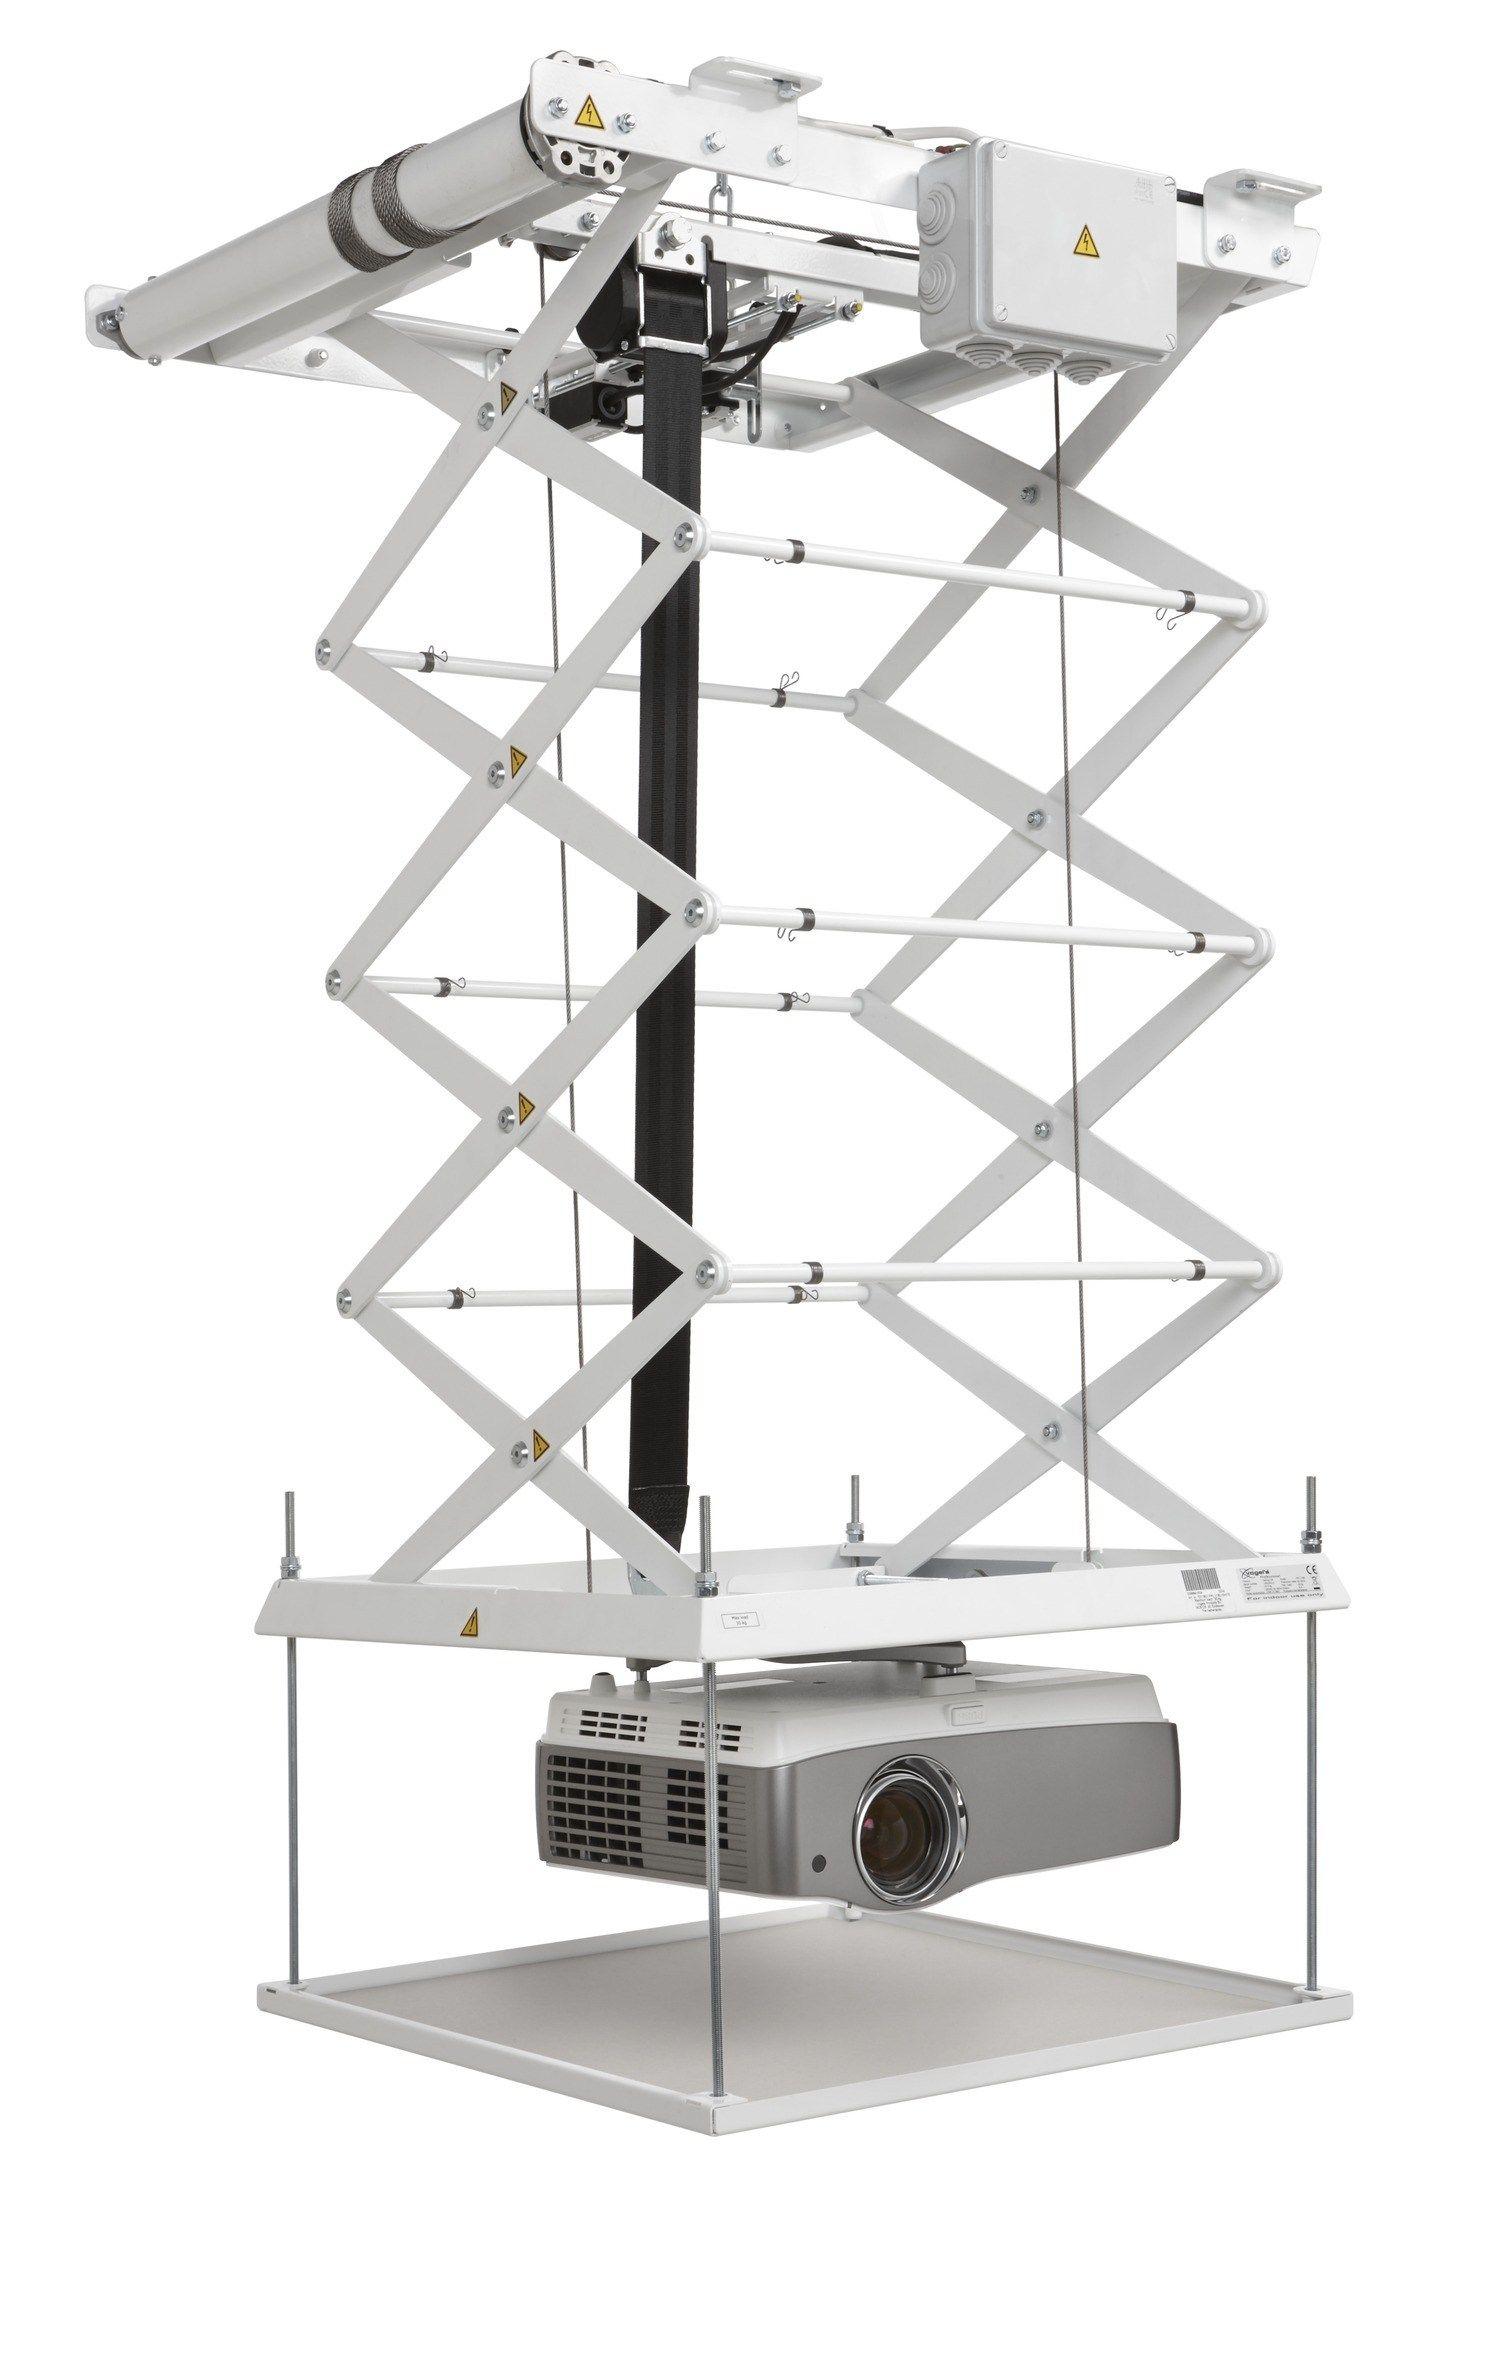 Sistemi di sollevamento ppl by vogel 39 s exhibo - Soportes para proyectores ...